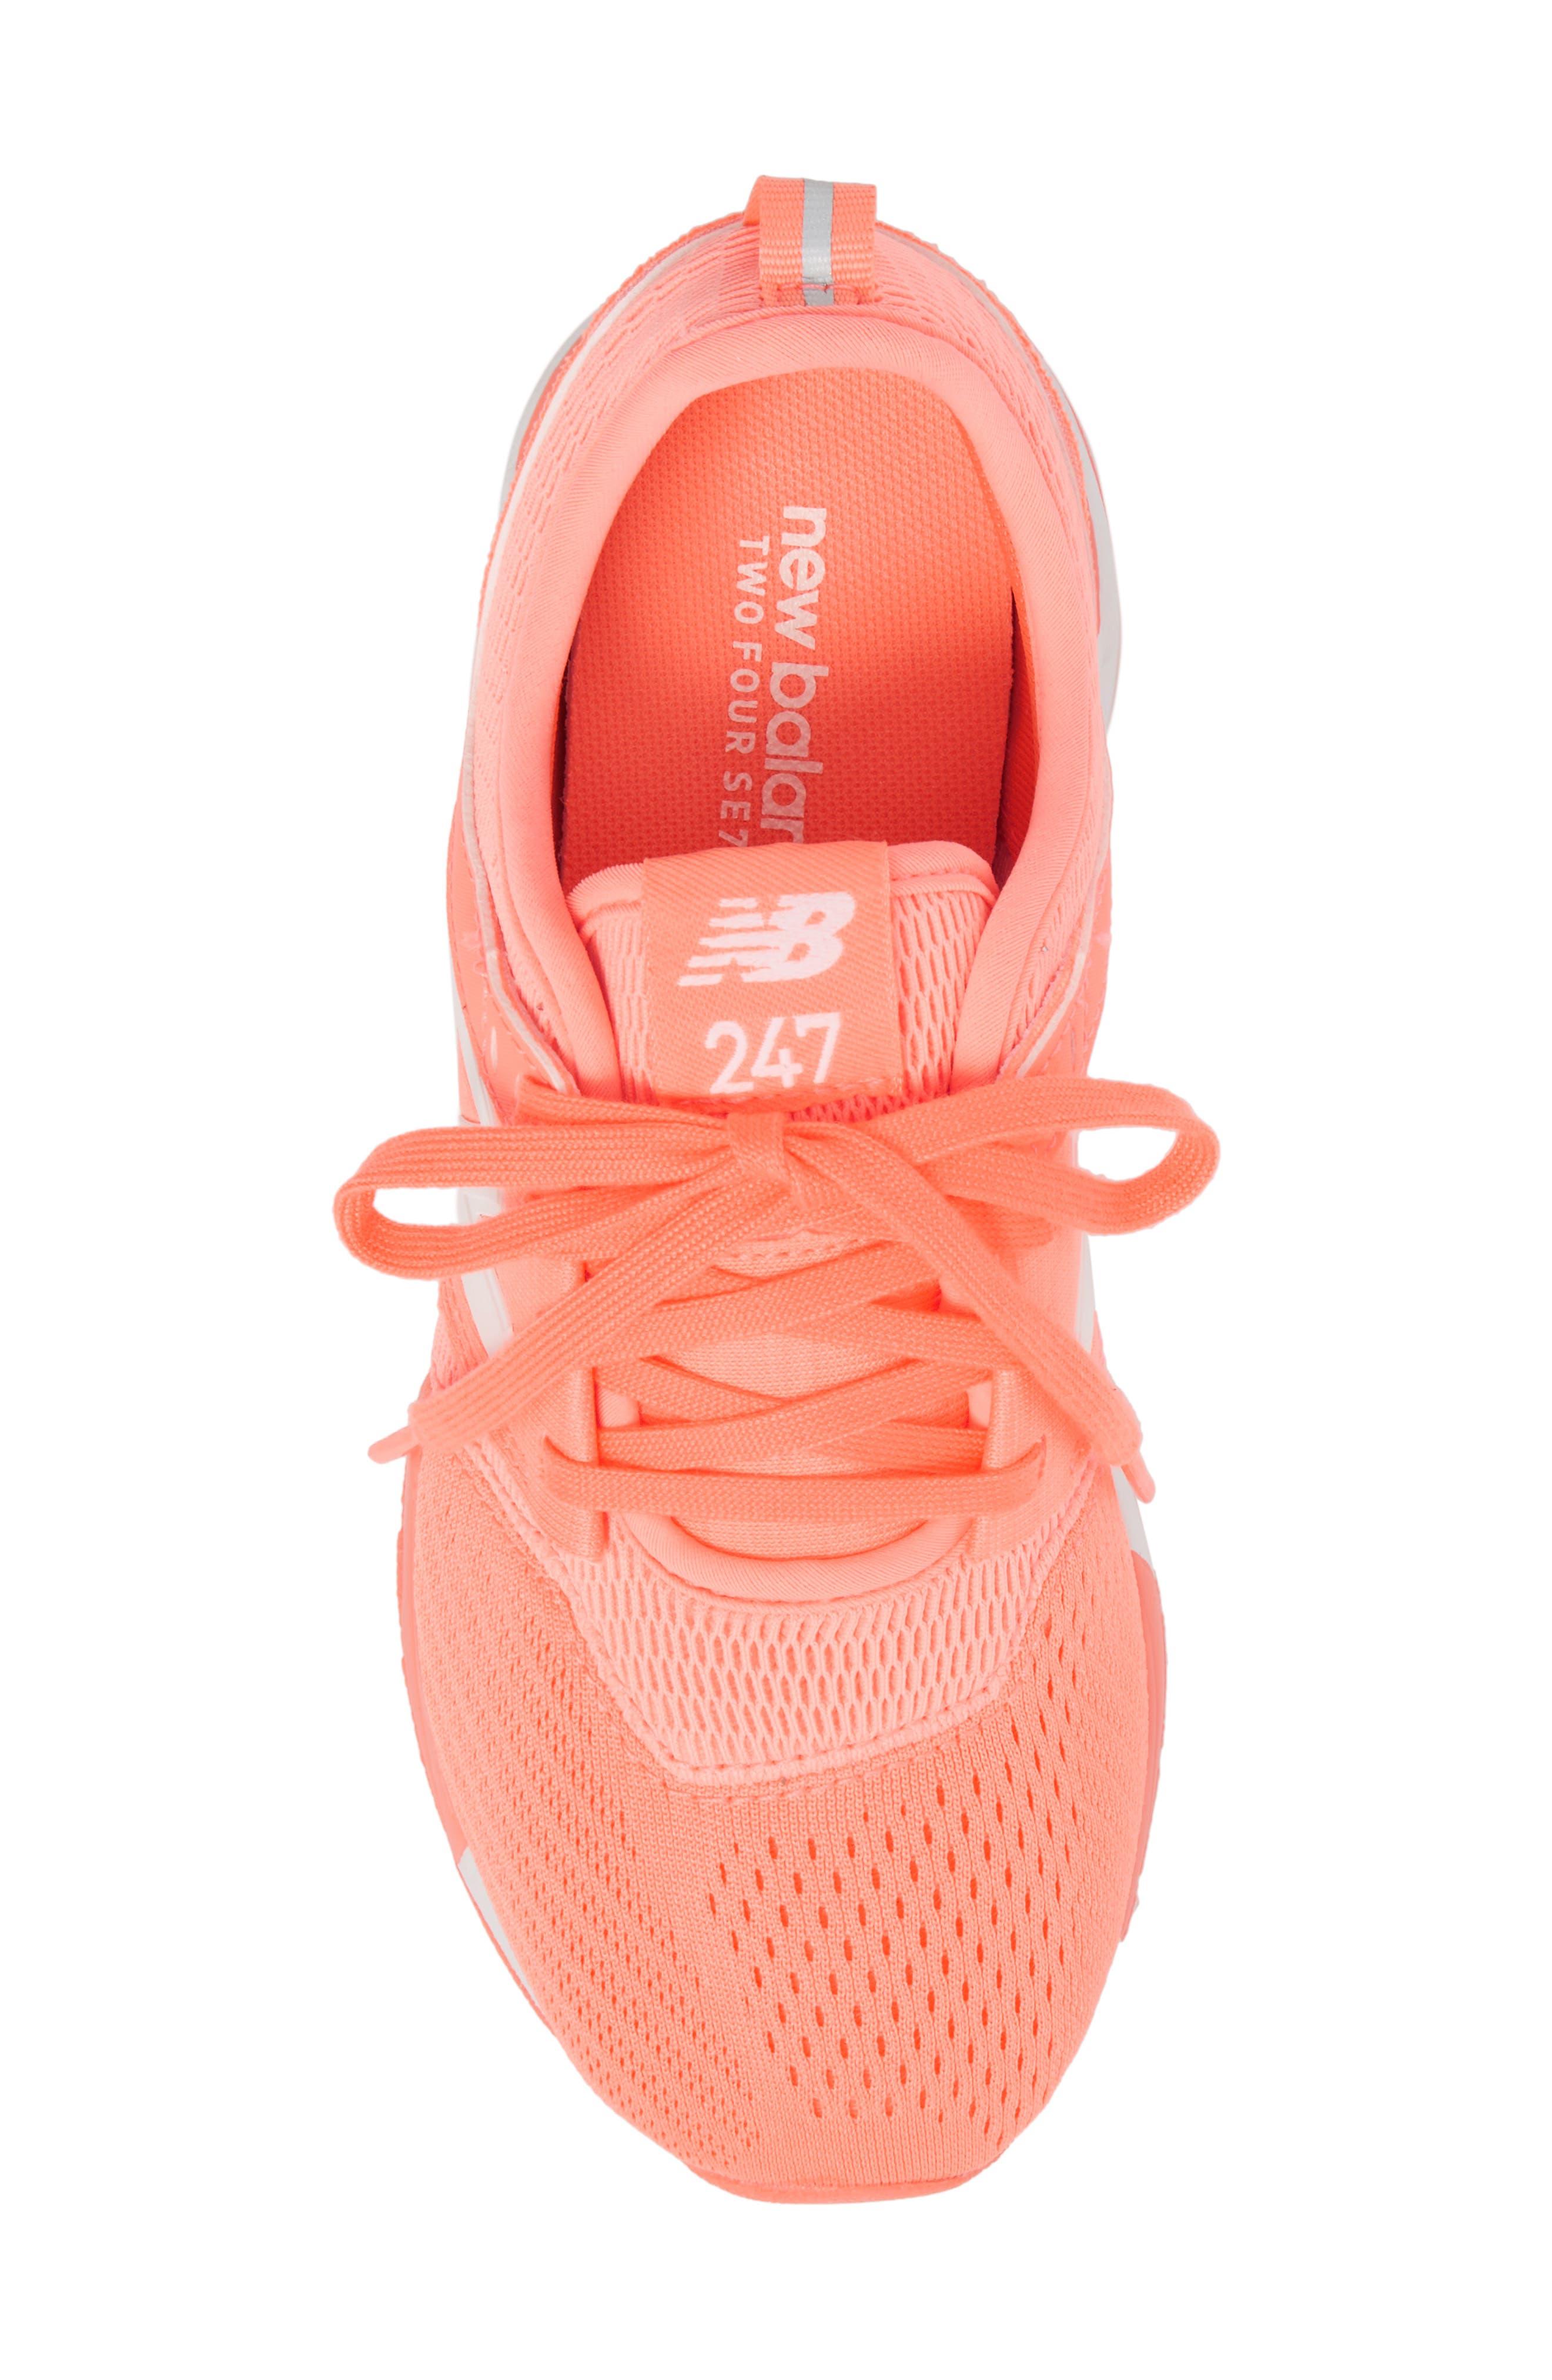 247 Sport Sneaker,                             Alternate thumbnail 5, color,                             653